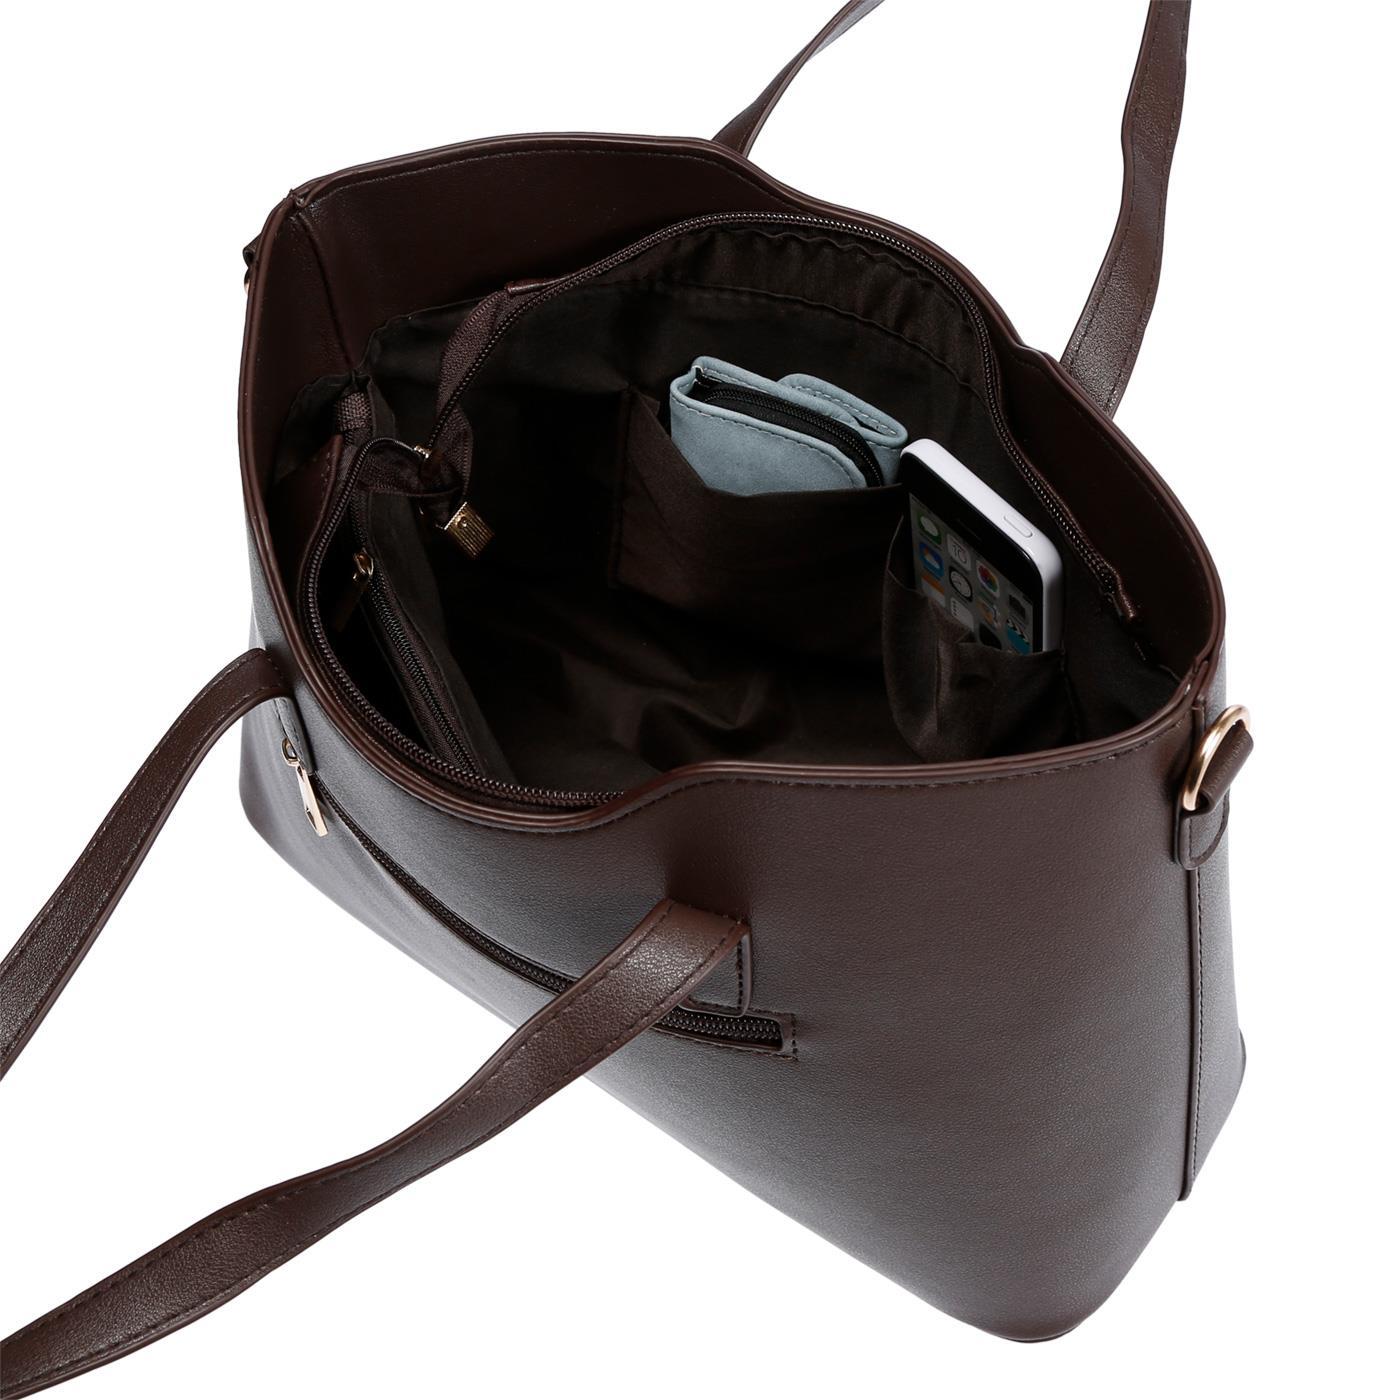 Kossberg-Damen-Tasche-Henkeltasche-Schultertasche-Umhaengetasche-Leder-Optik-Bag Indexbild 42